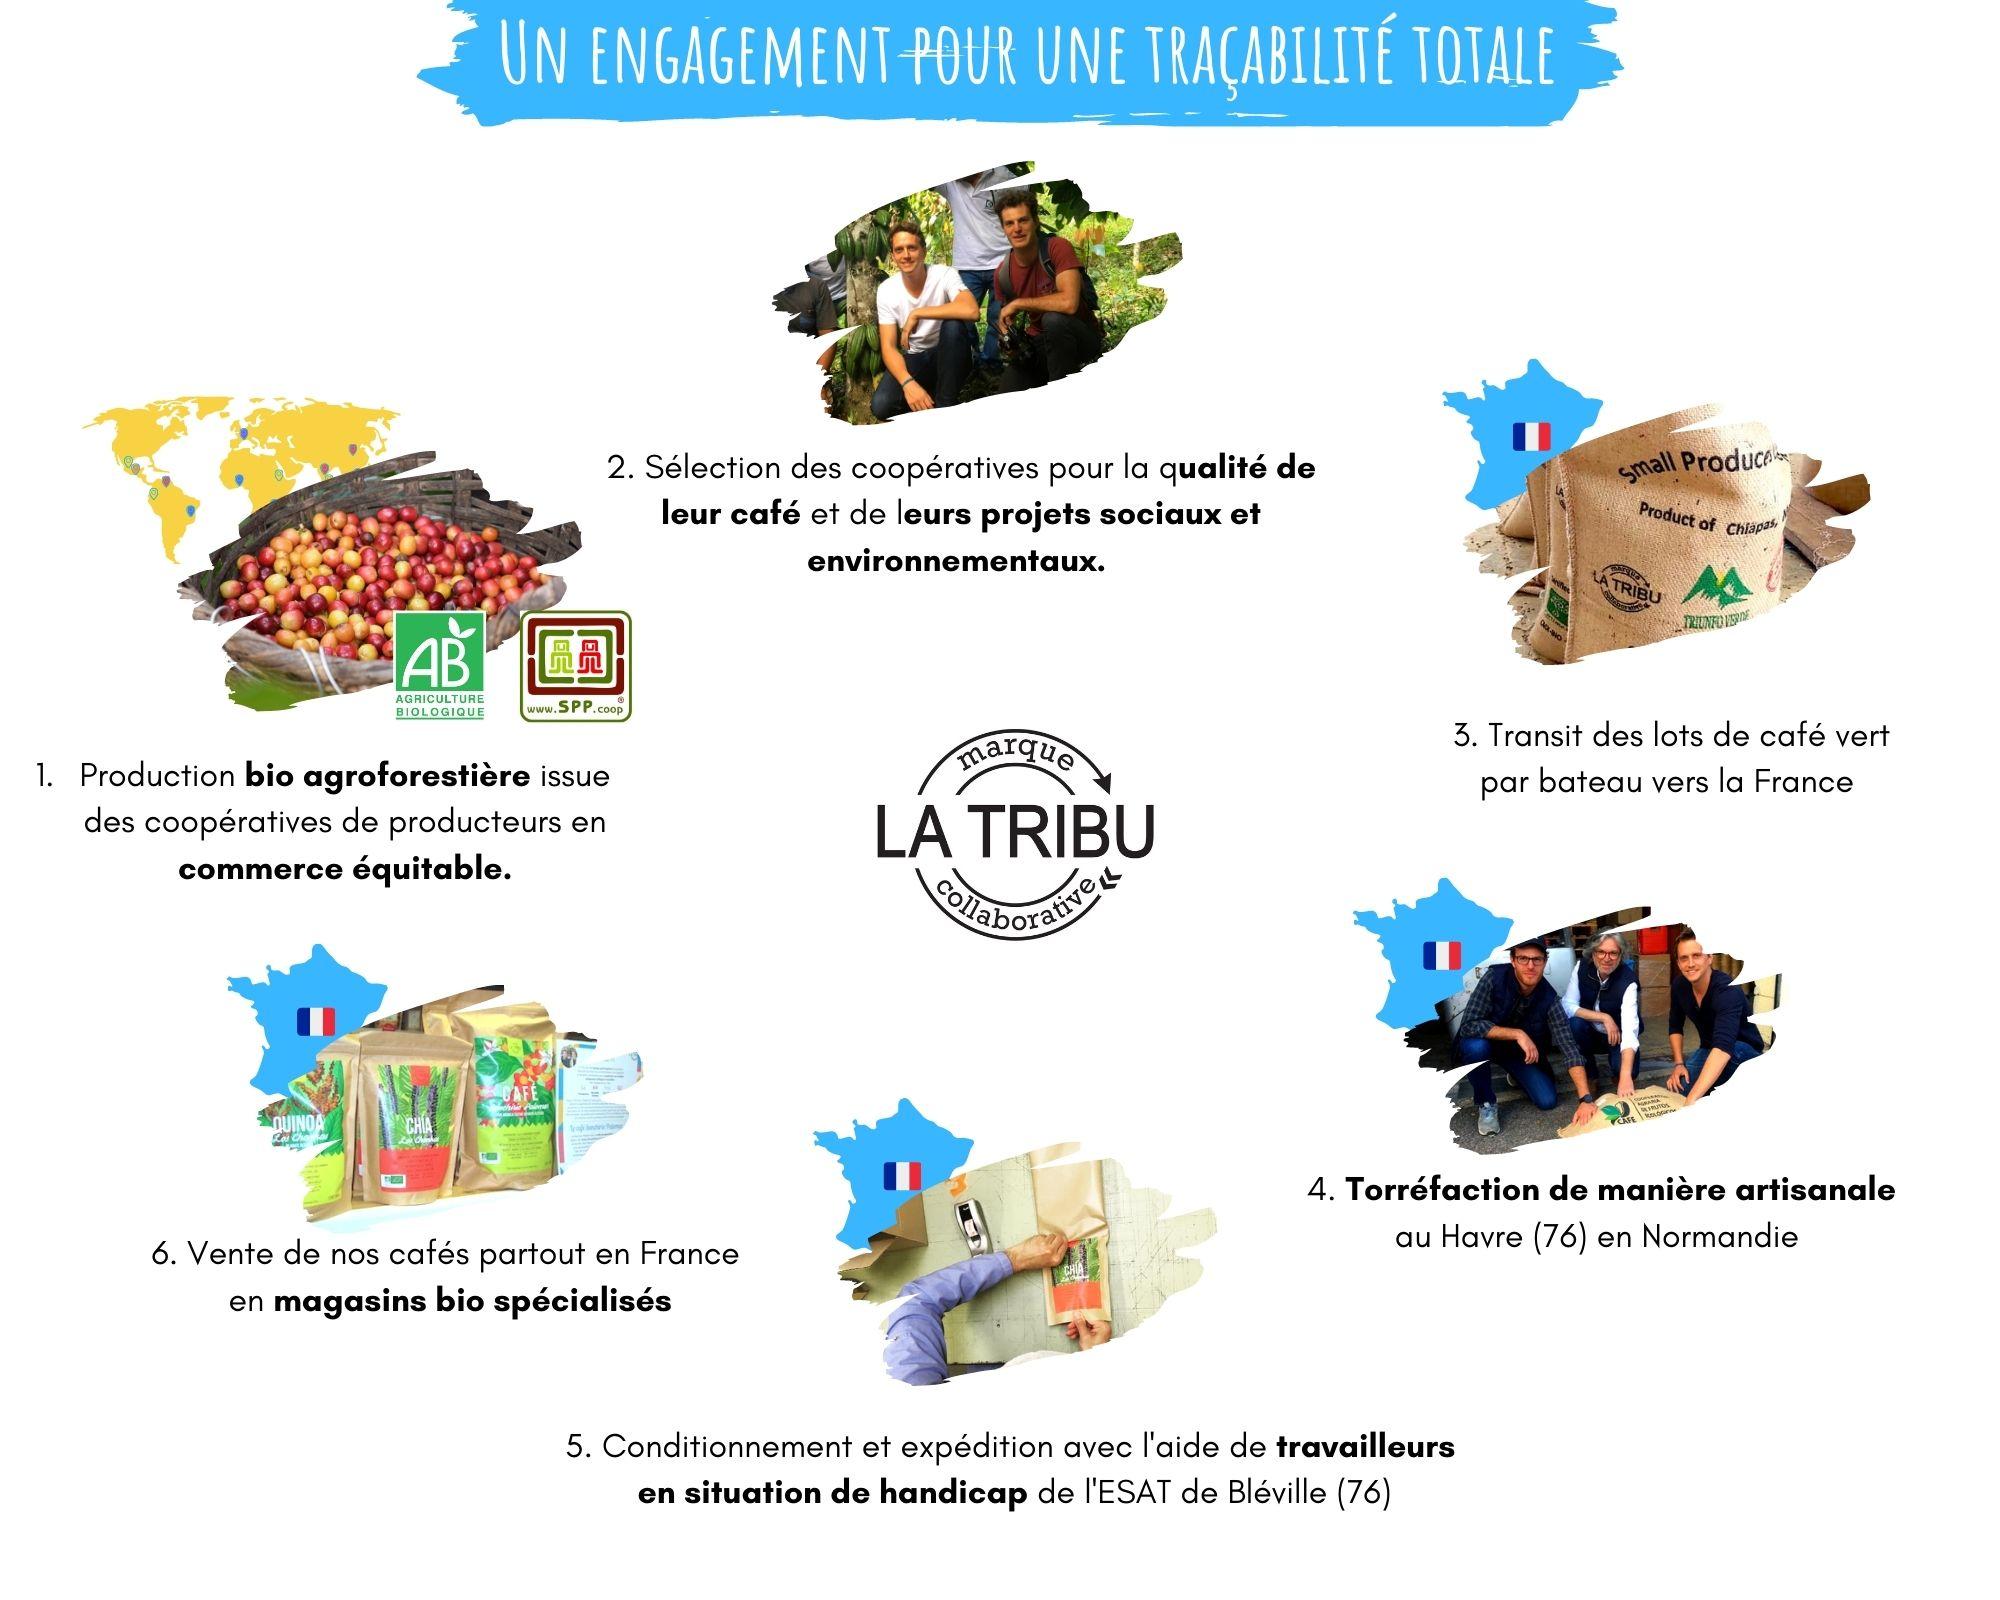 Café La Tribu dans votre magasin bio rennes